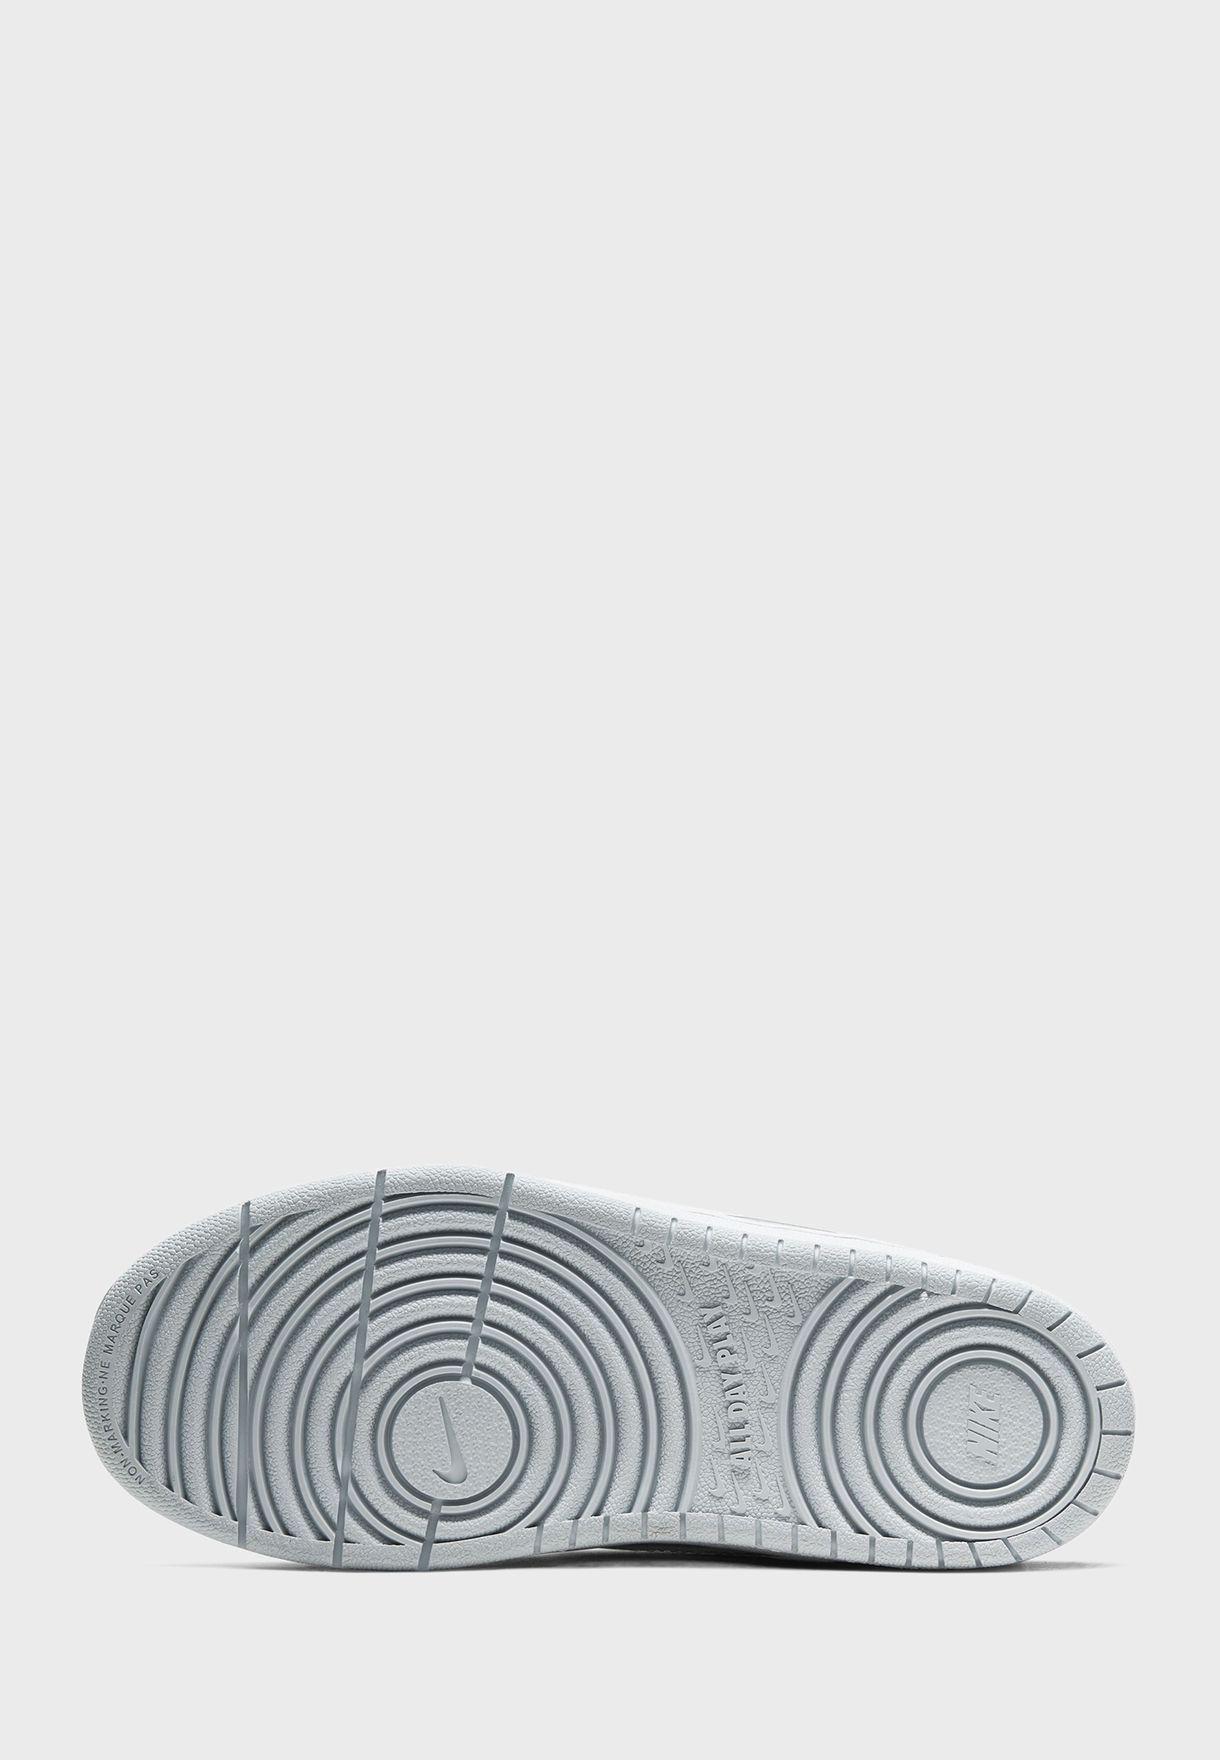 حذاء كورت بوروغ لو 2 اف بي